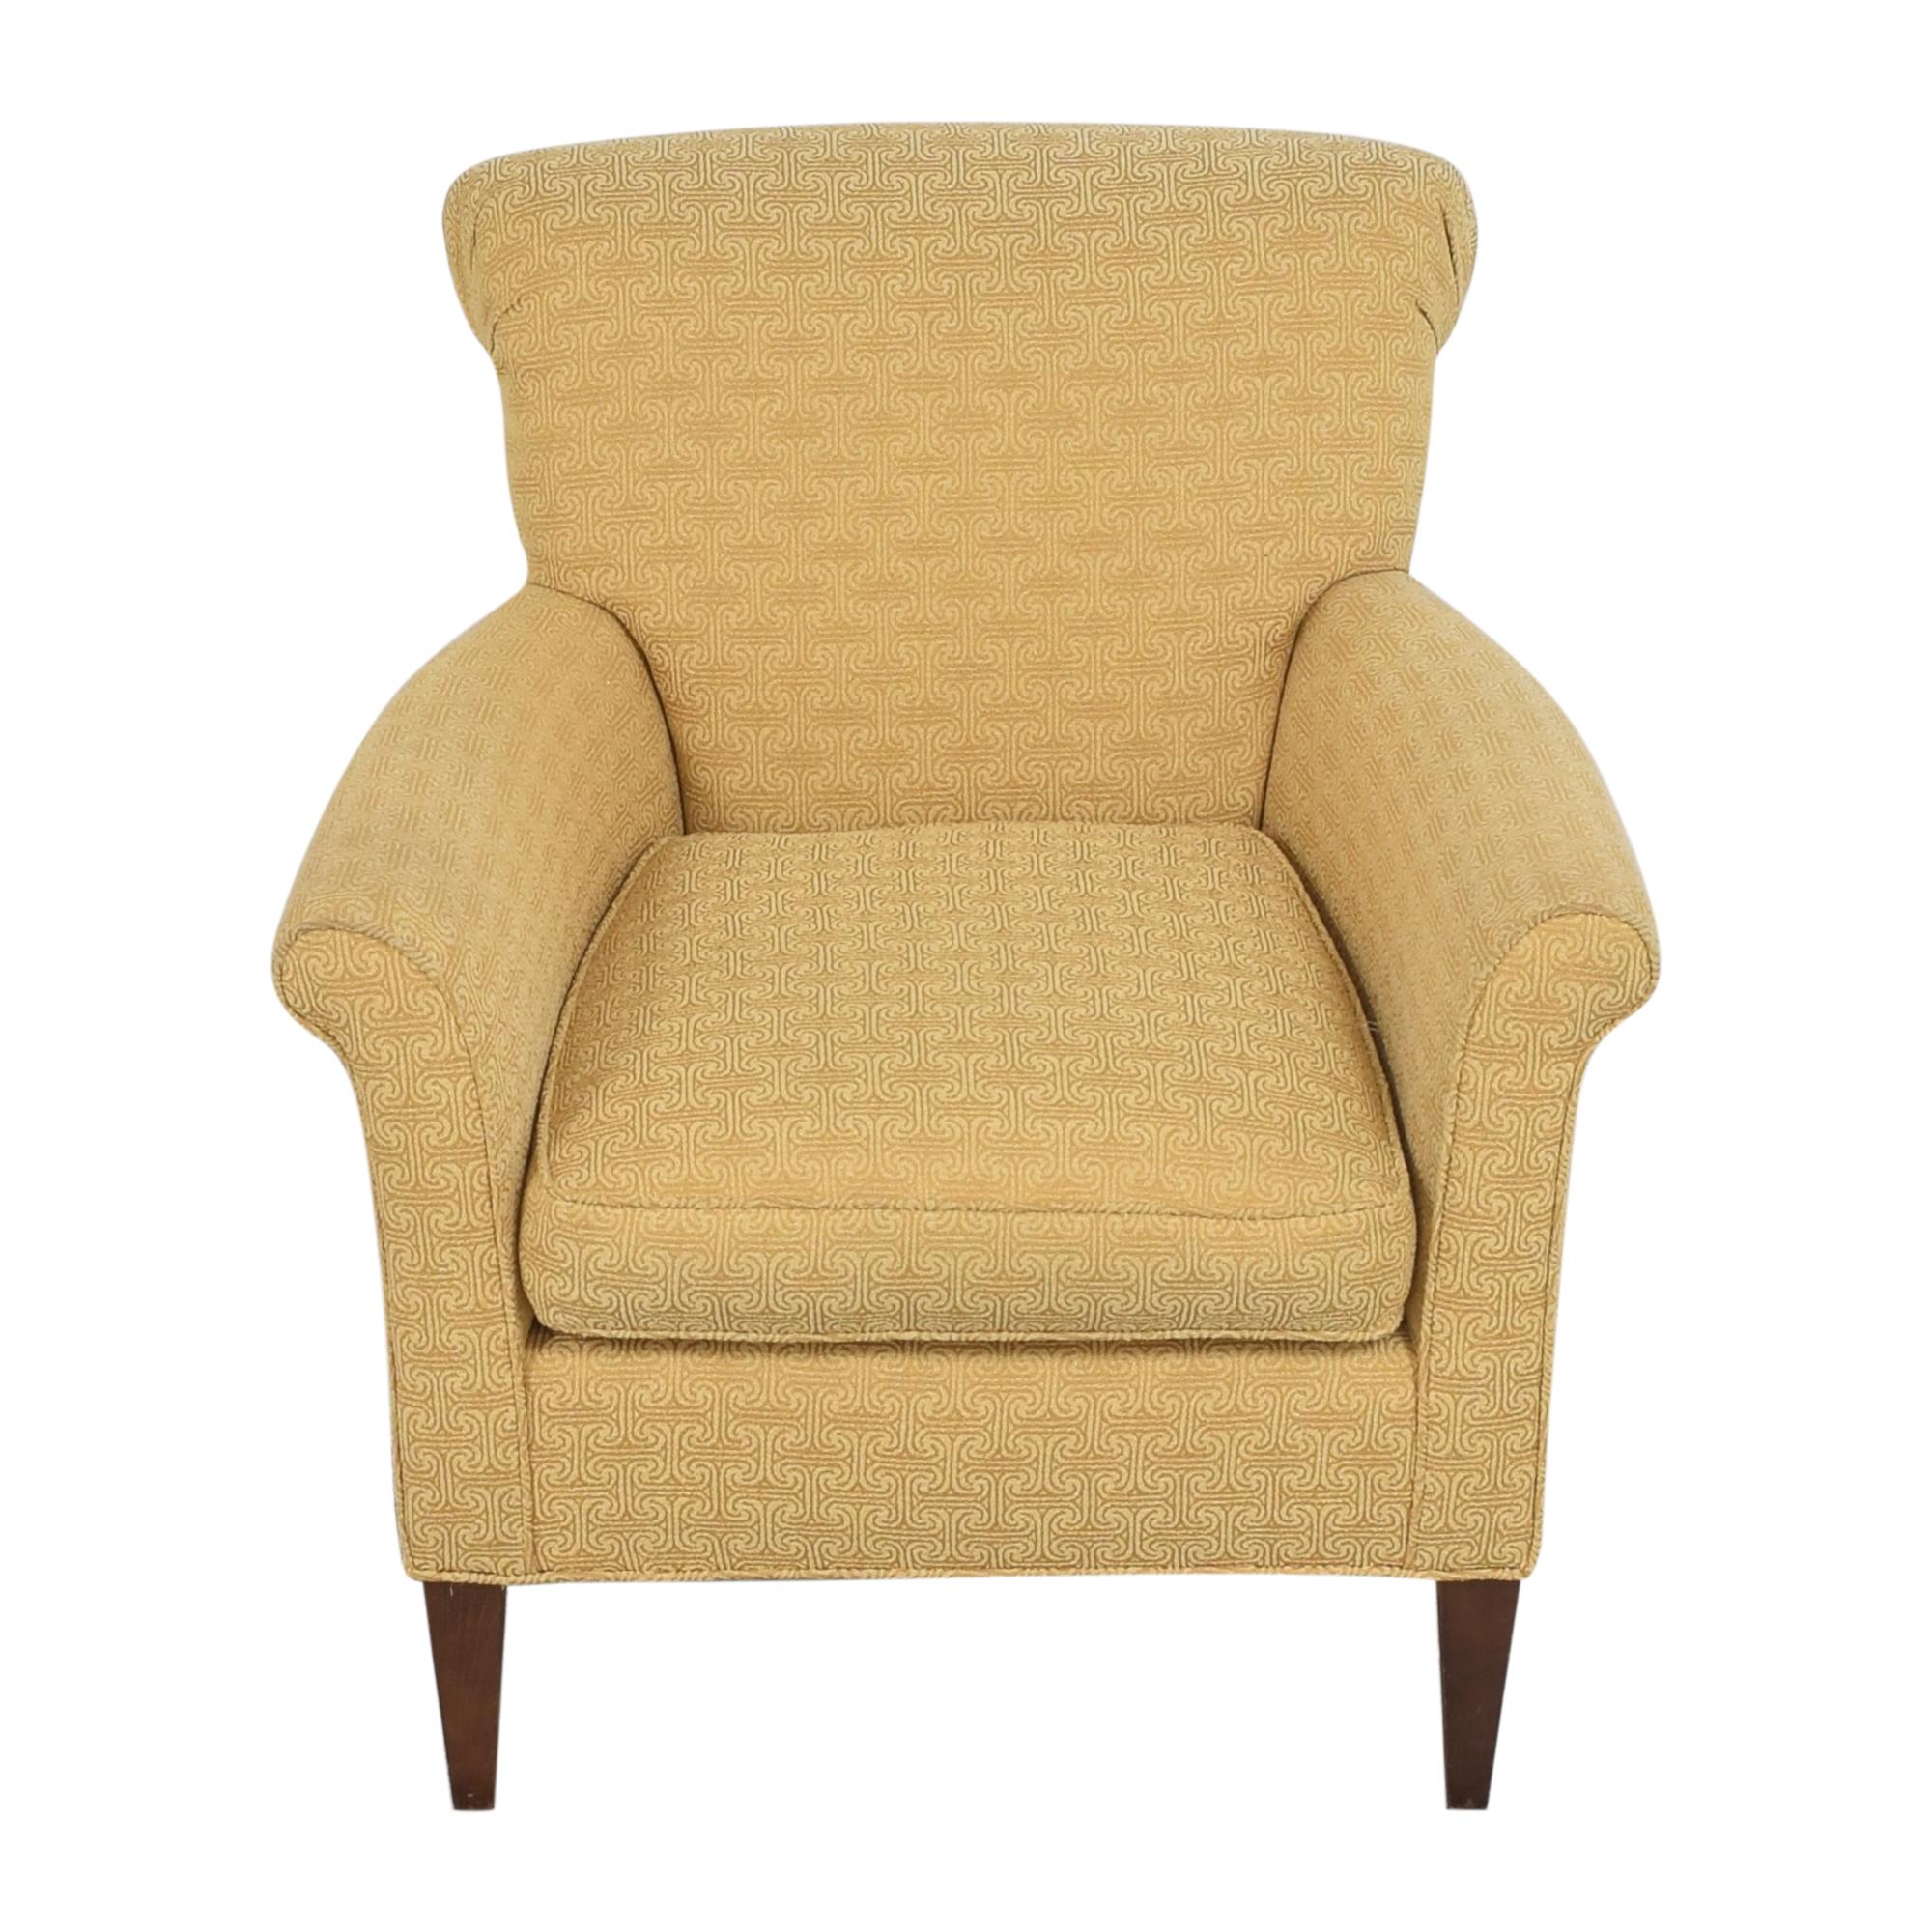 Ethan Allen Ethan Allen Scroll Back Accent Chair discount